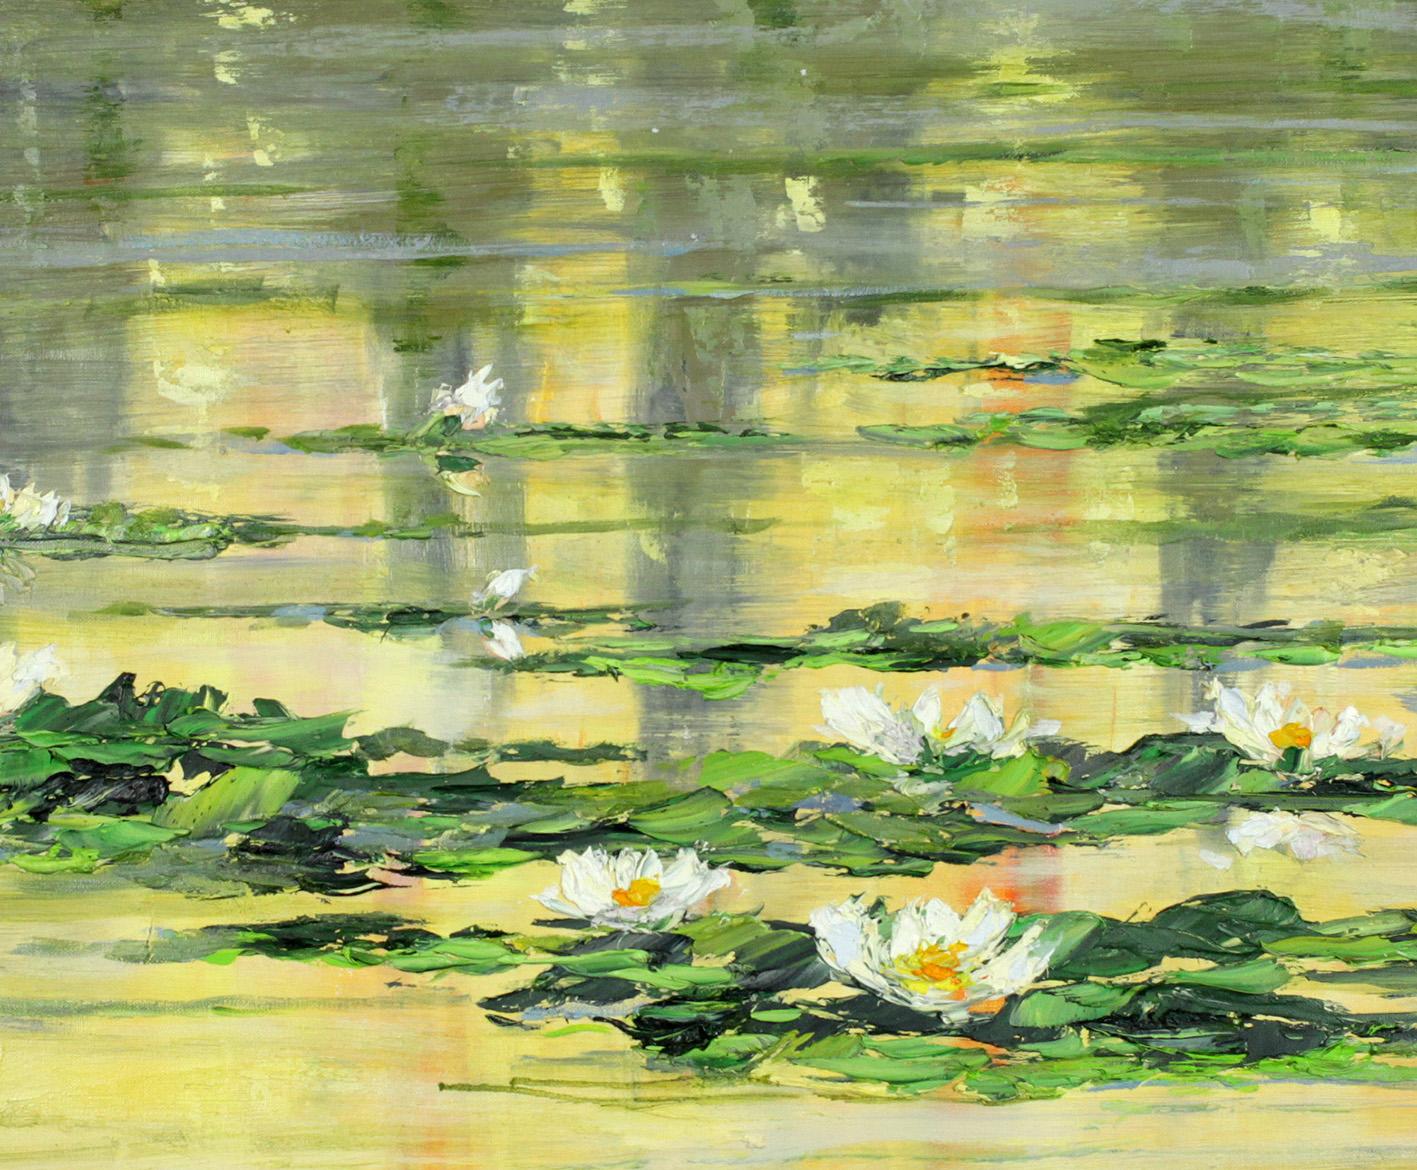 Lilie na wodzie